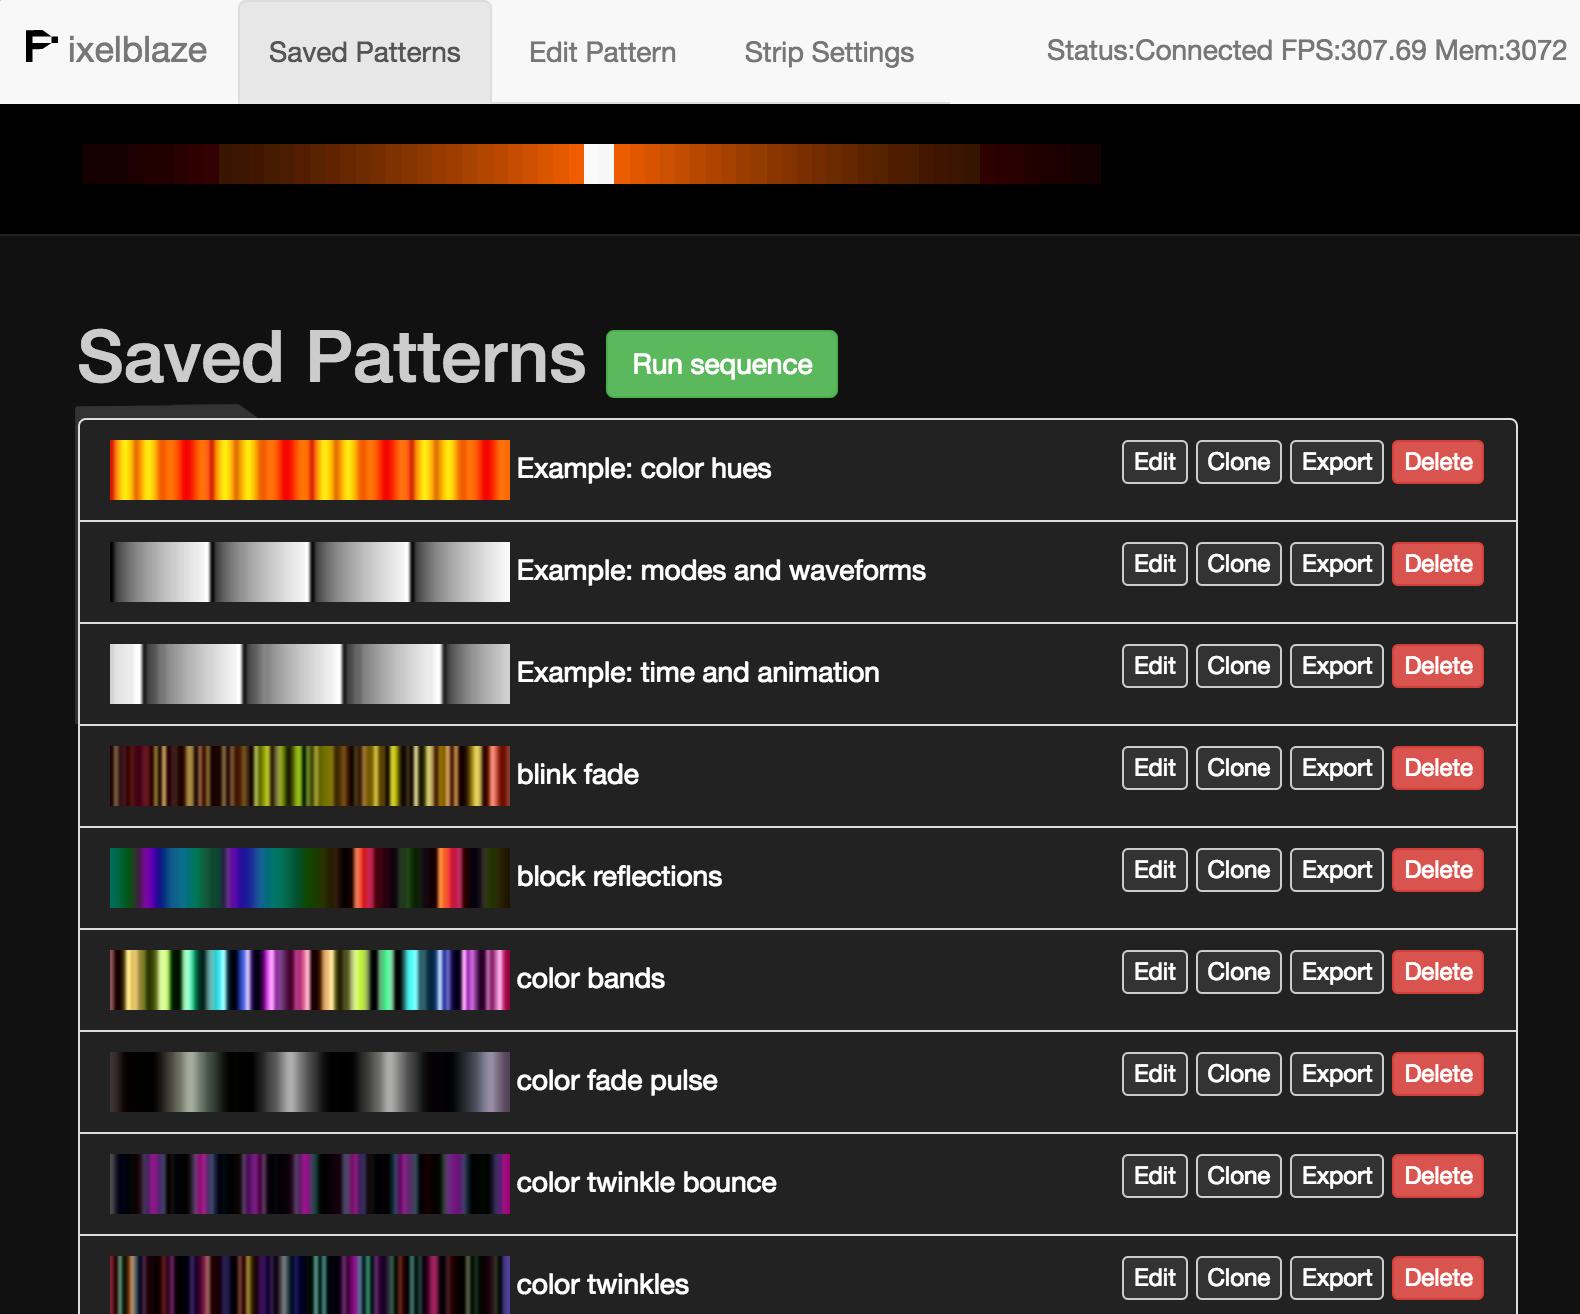 screenshot patternlist.png